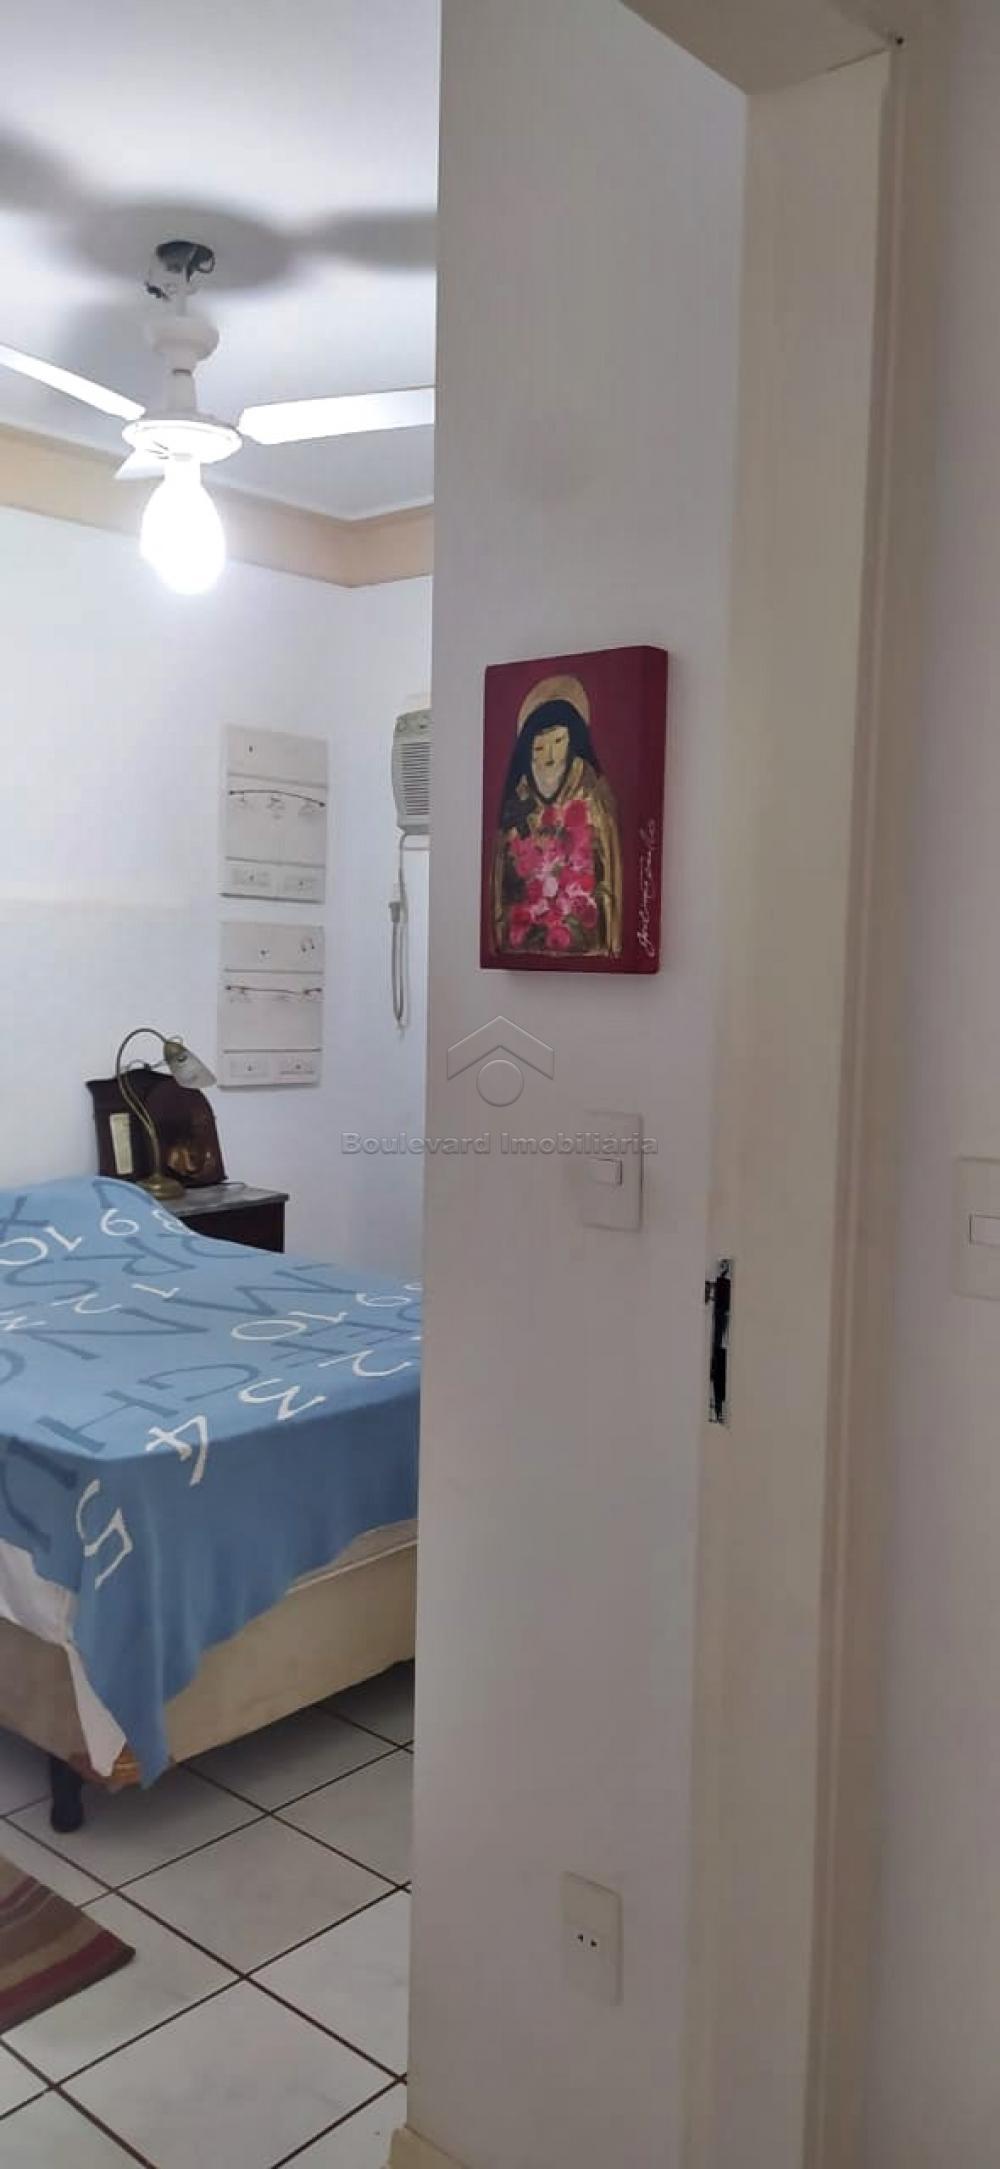 Comprar Apartamento / Padrão em Ribeirão Preto R$ 280.000,00 - Foto 8